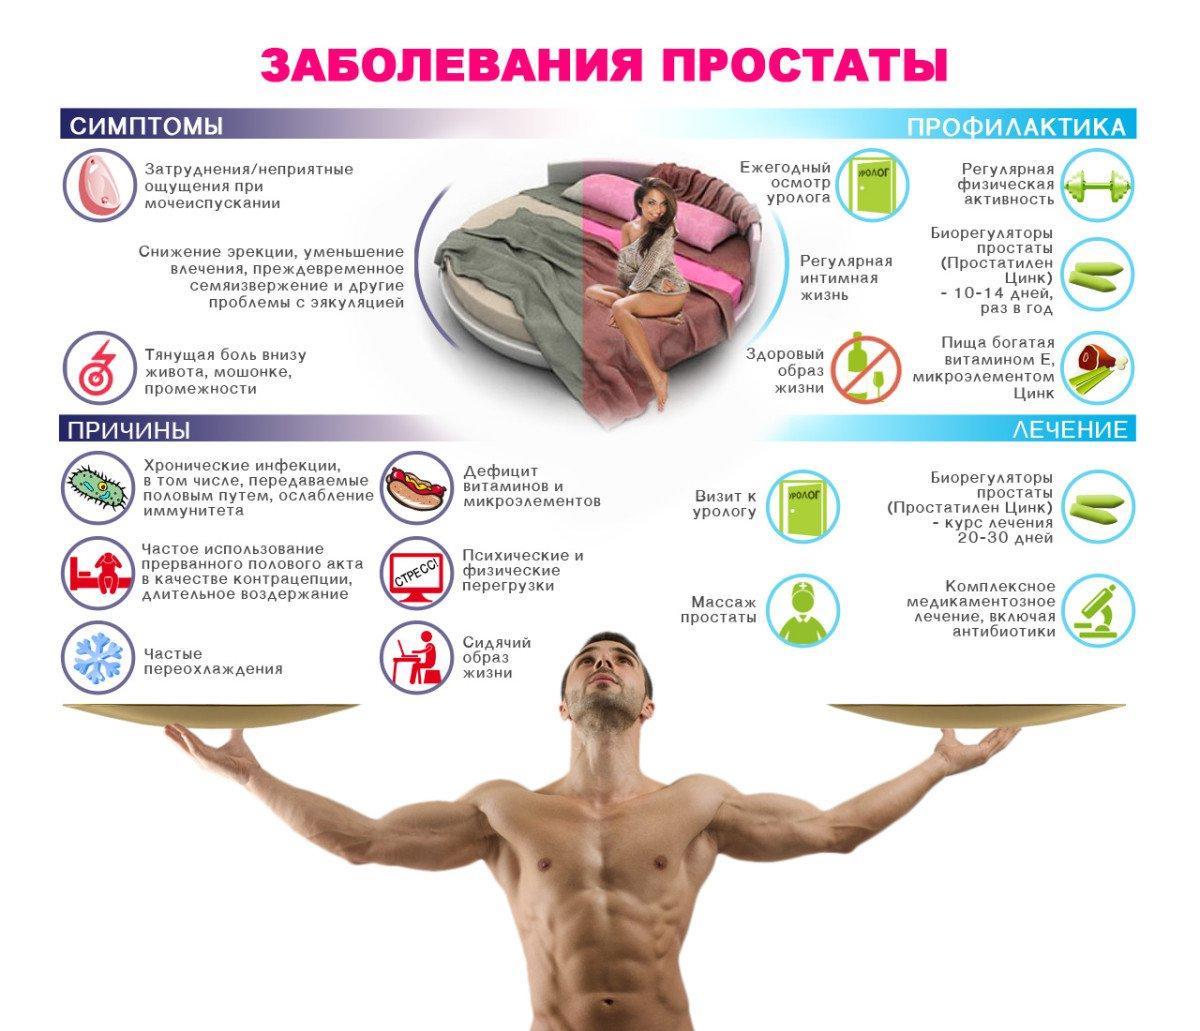 prichini-muzhskoy-seksualnoy-nesostoyatelnosti